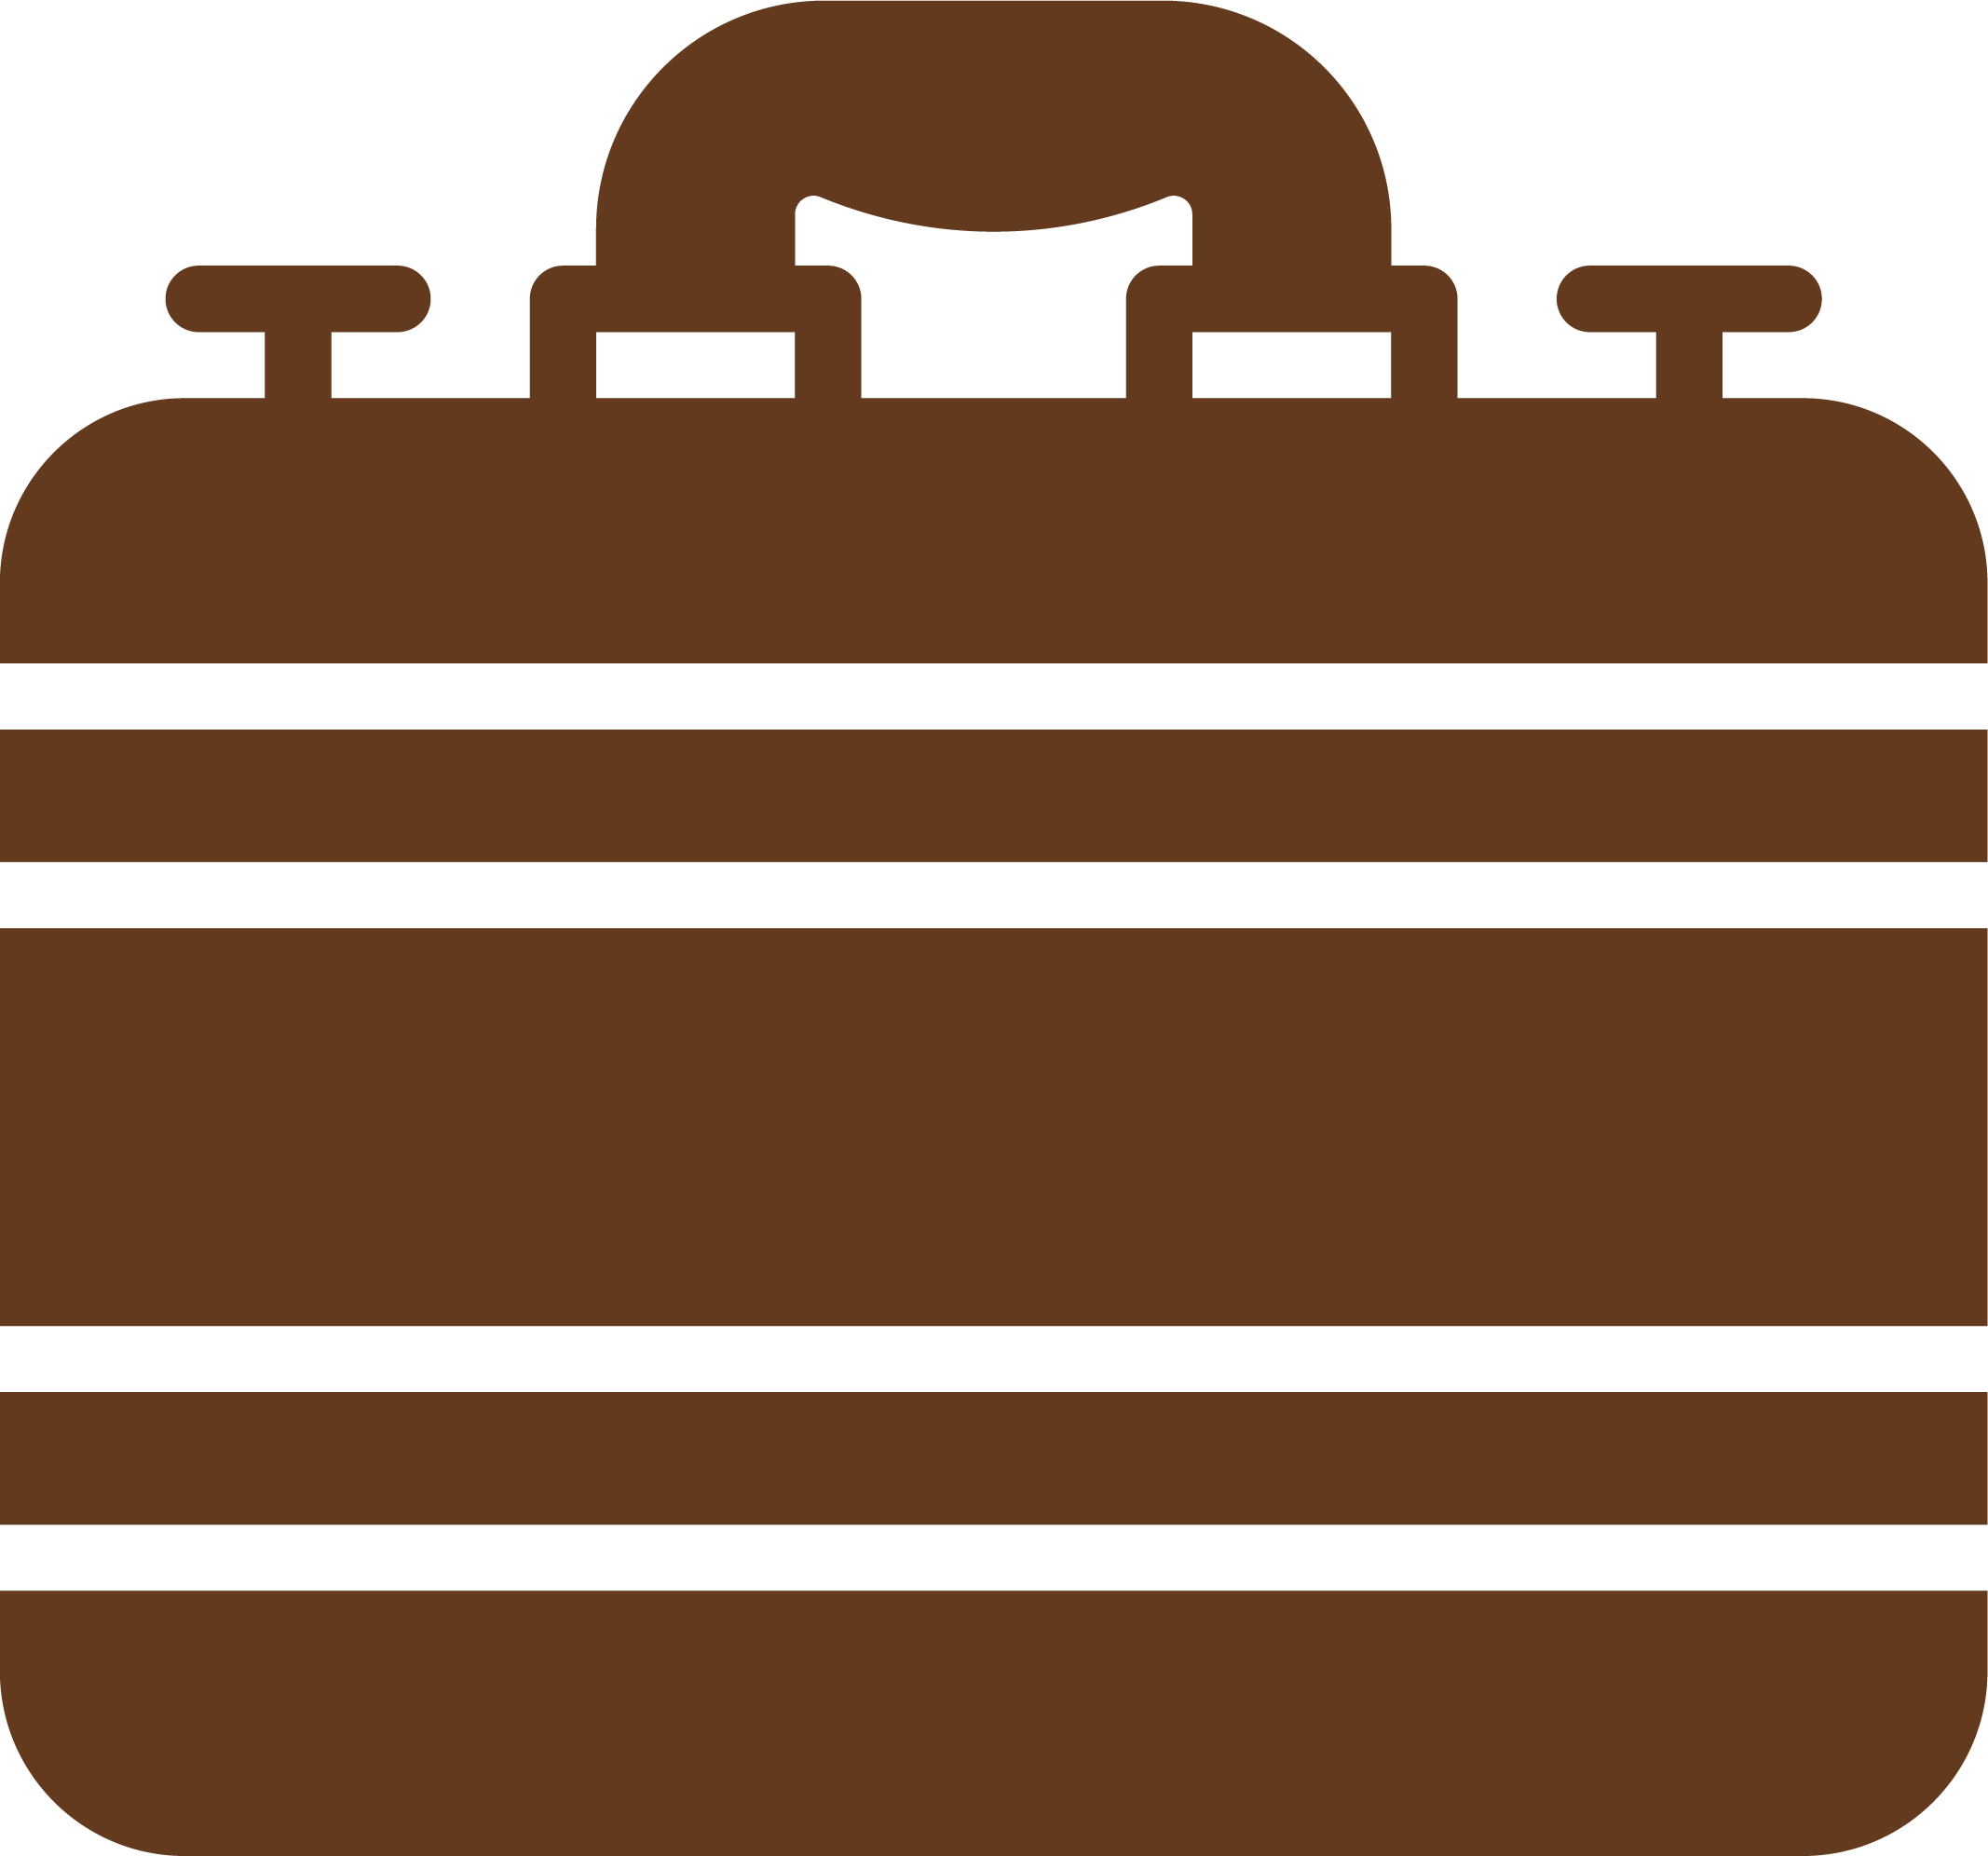 icone valise